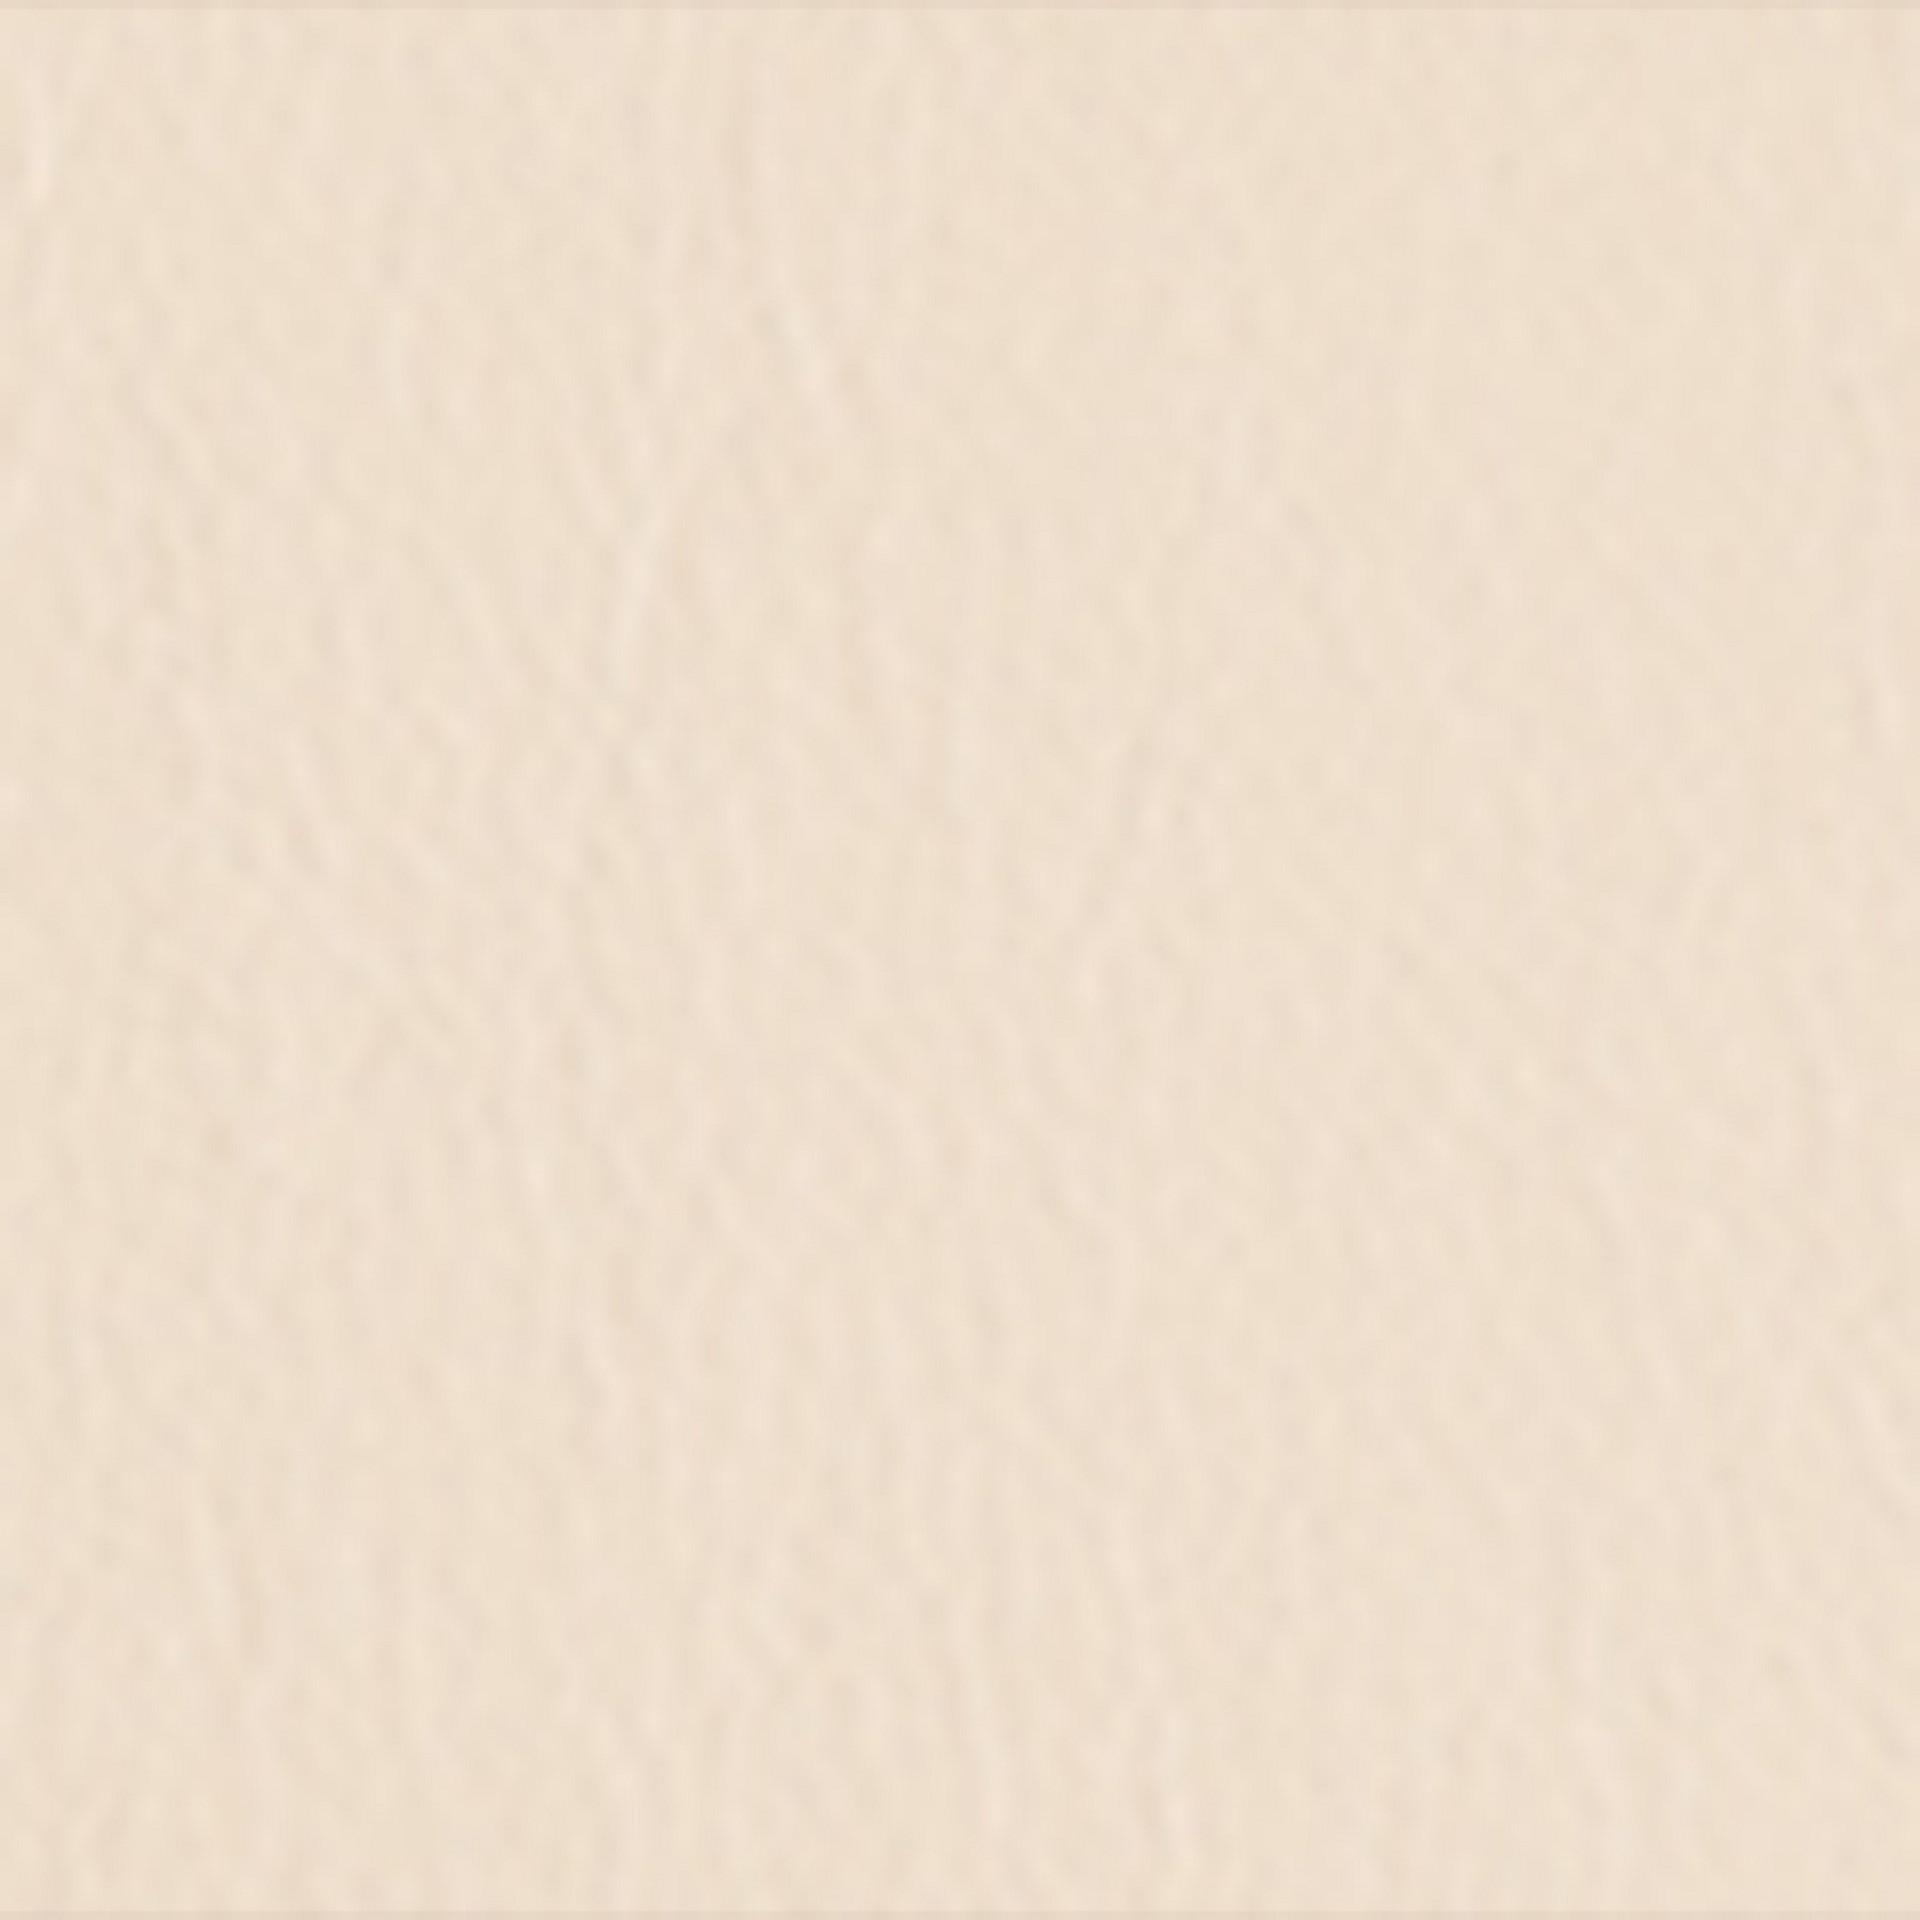 Branco Bolsa clutch de couro com padrão Canvas check - galeria de imagens 2